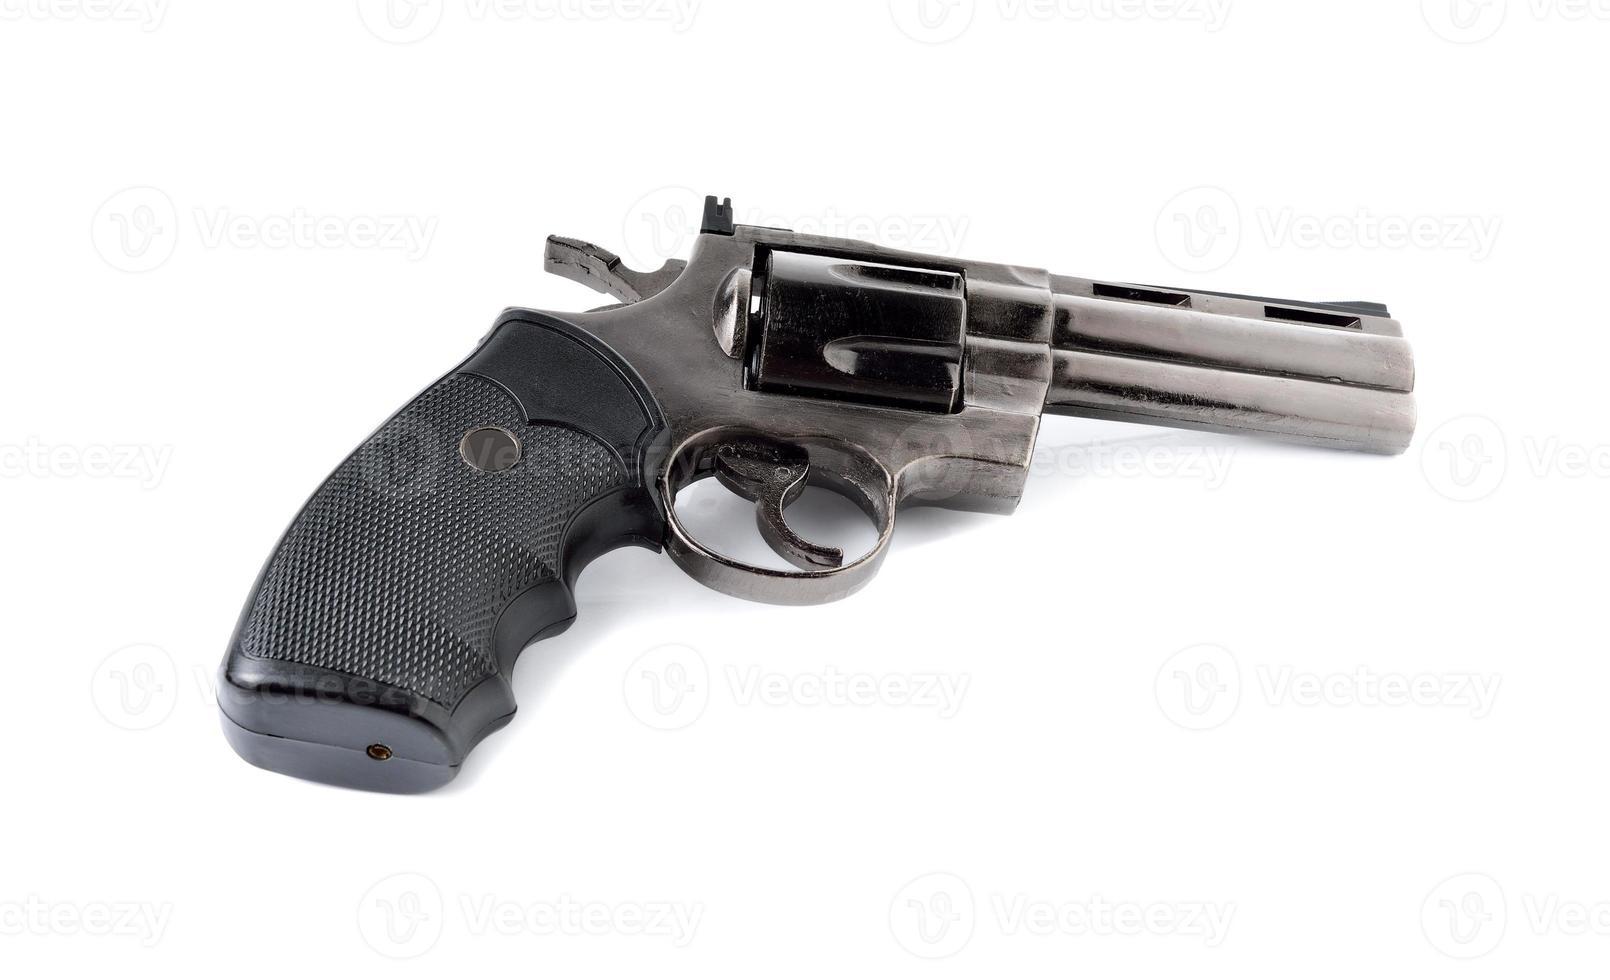 Spielzeugpistole 357 Magnum Revolver auf weißem Hintergrund foto